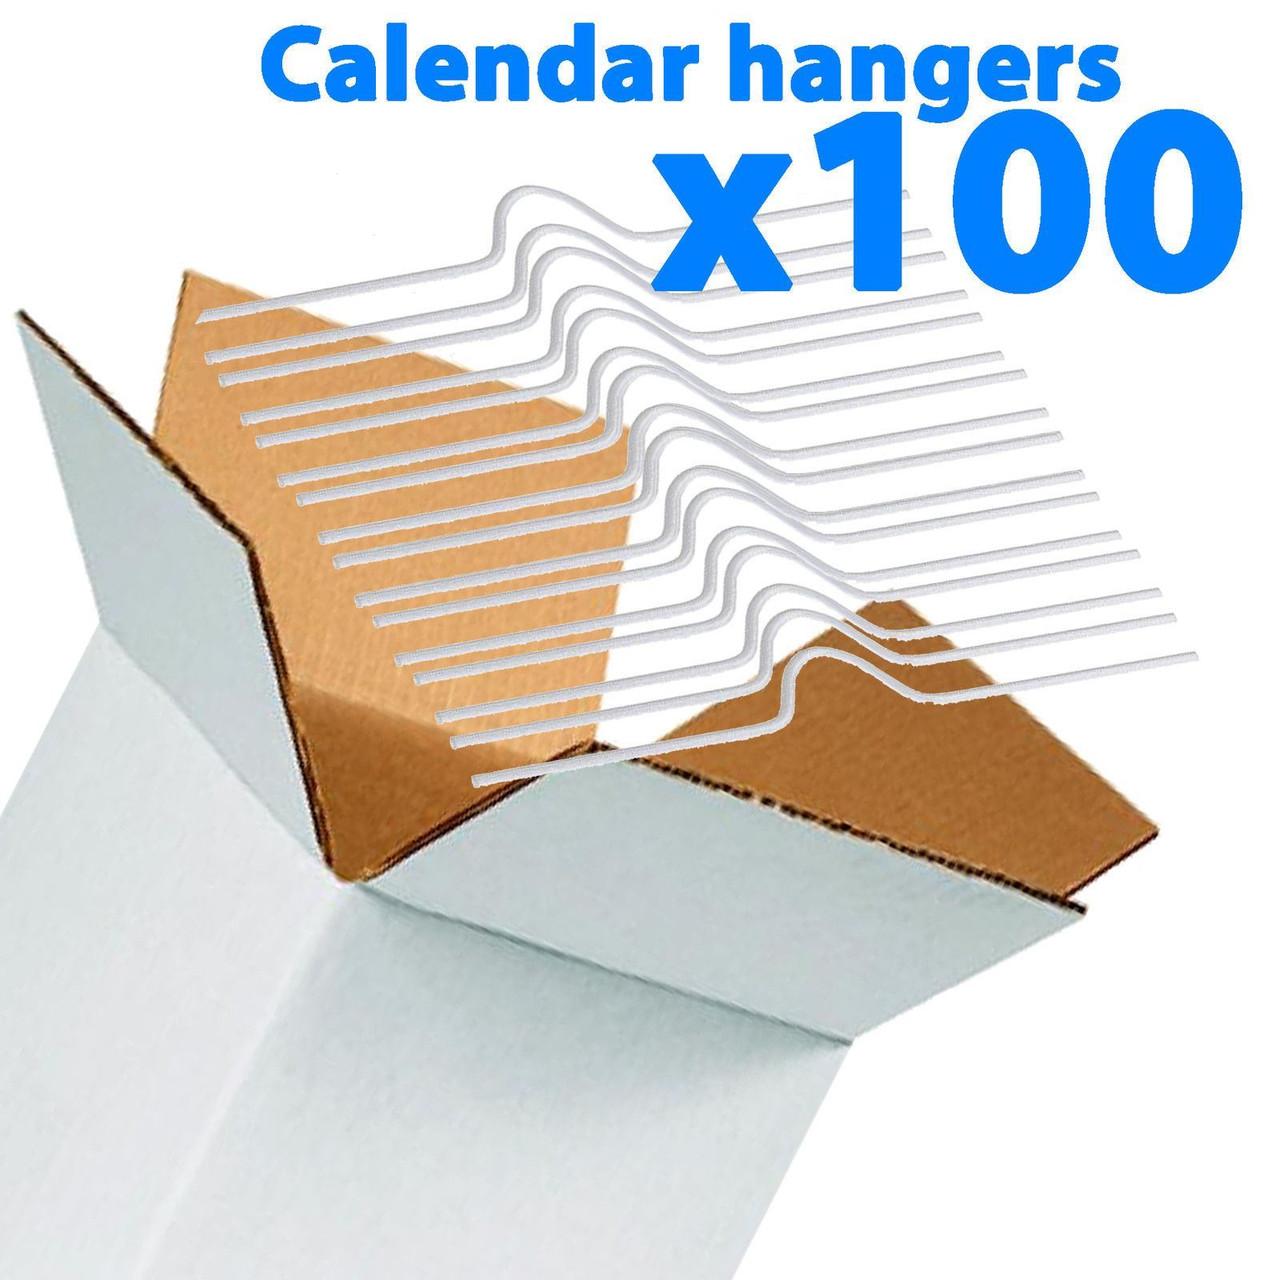 Galaxy G150 Calendar Making Kit - LARGE